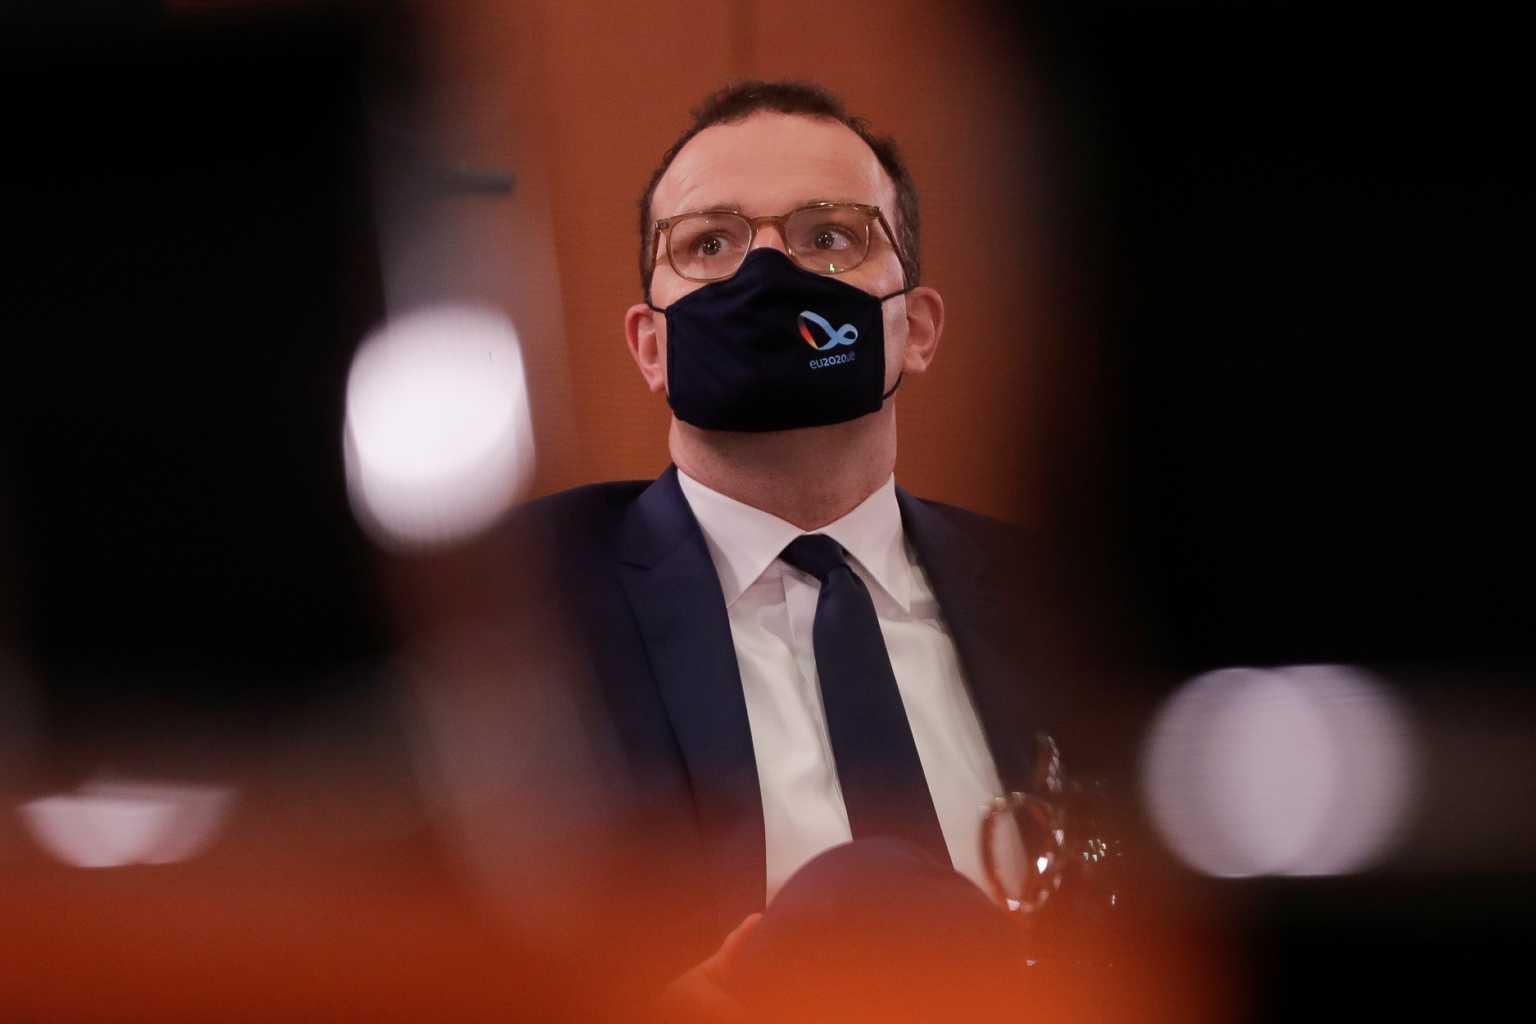 Θετικός στον κορονοϊό ο Γερμανός υπουργός Υγείας – 7.830 νέα κρούσματα στη χώρα